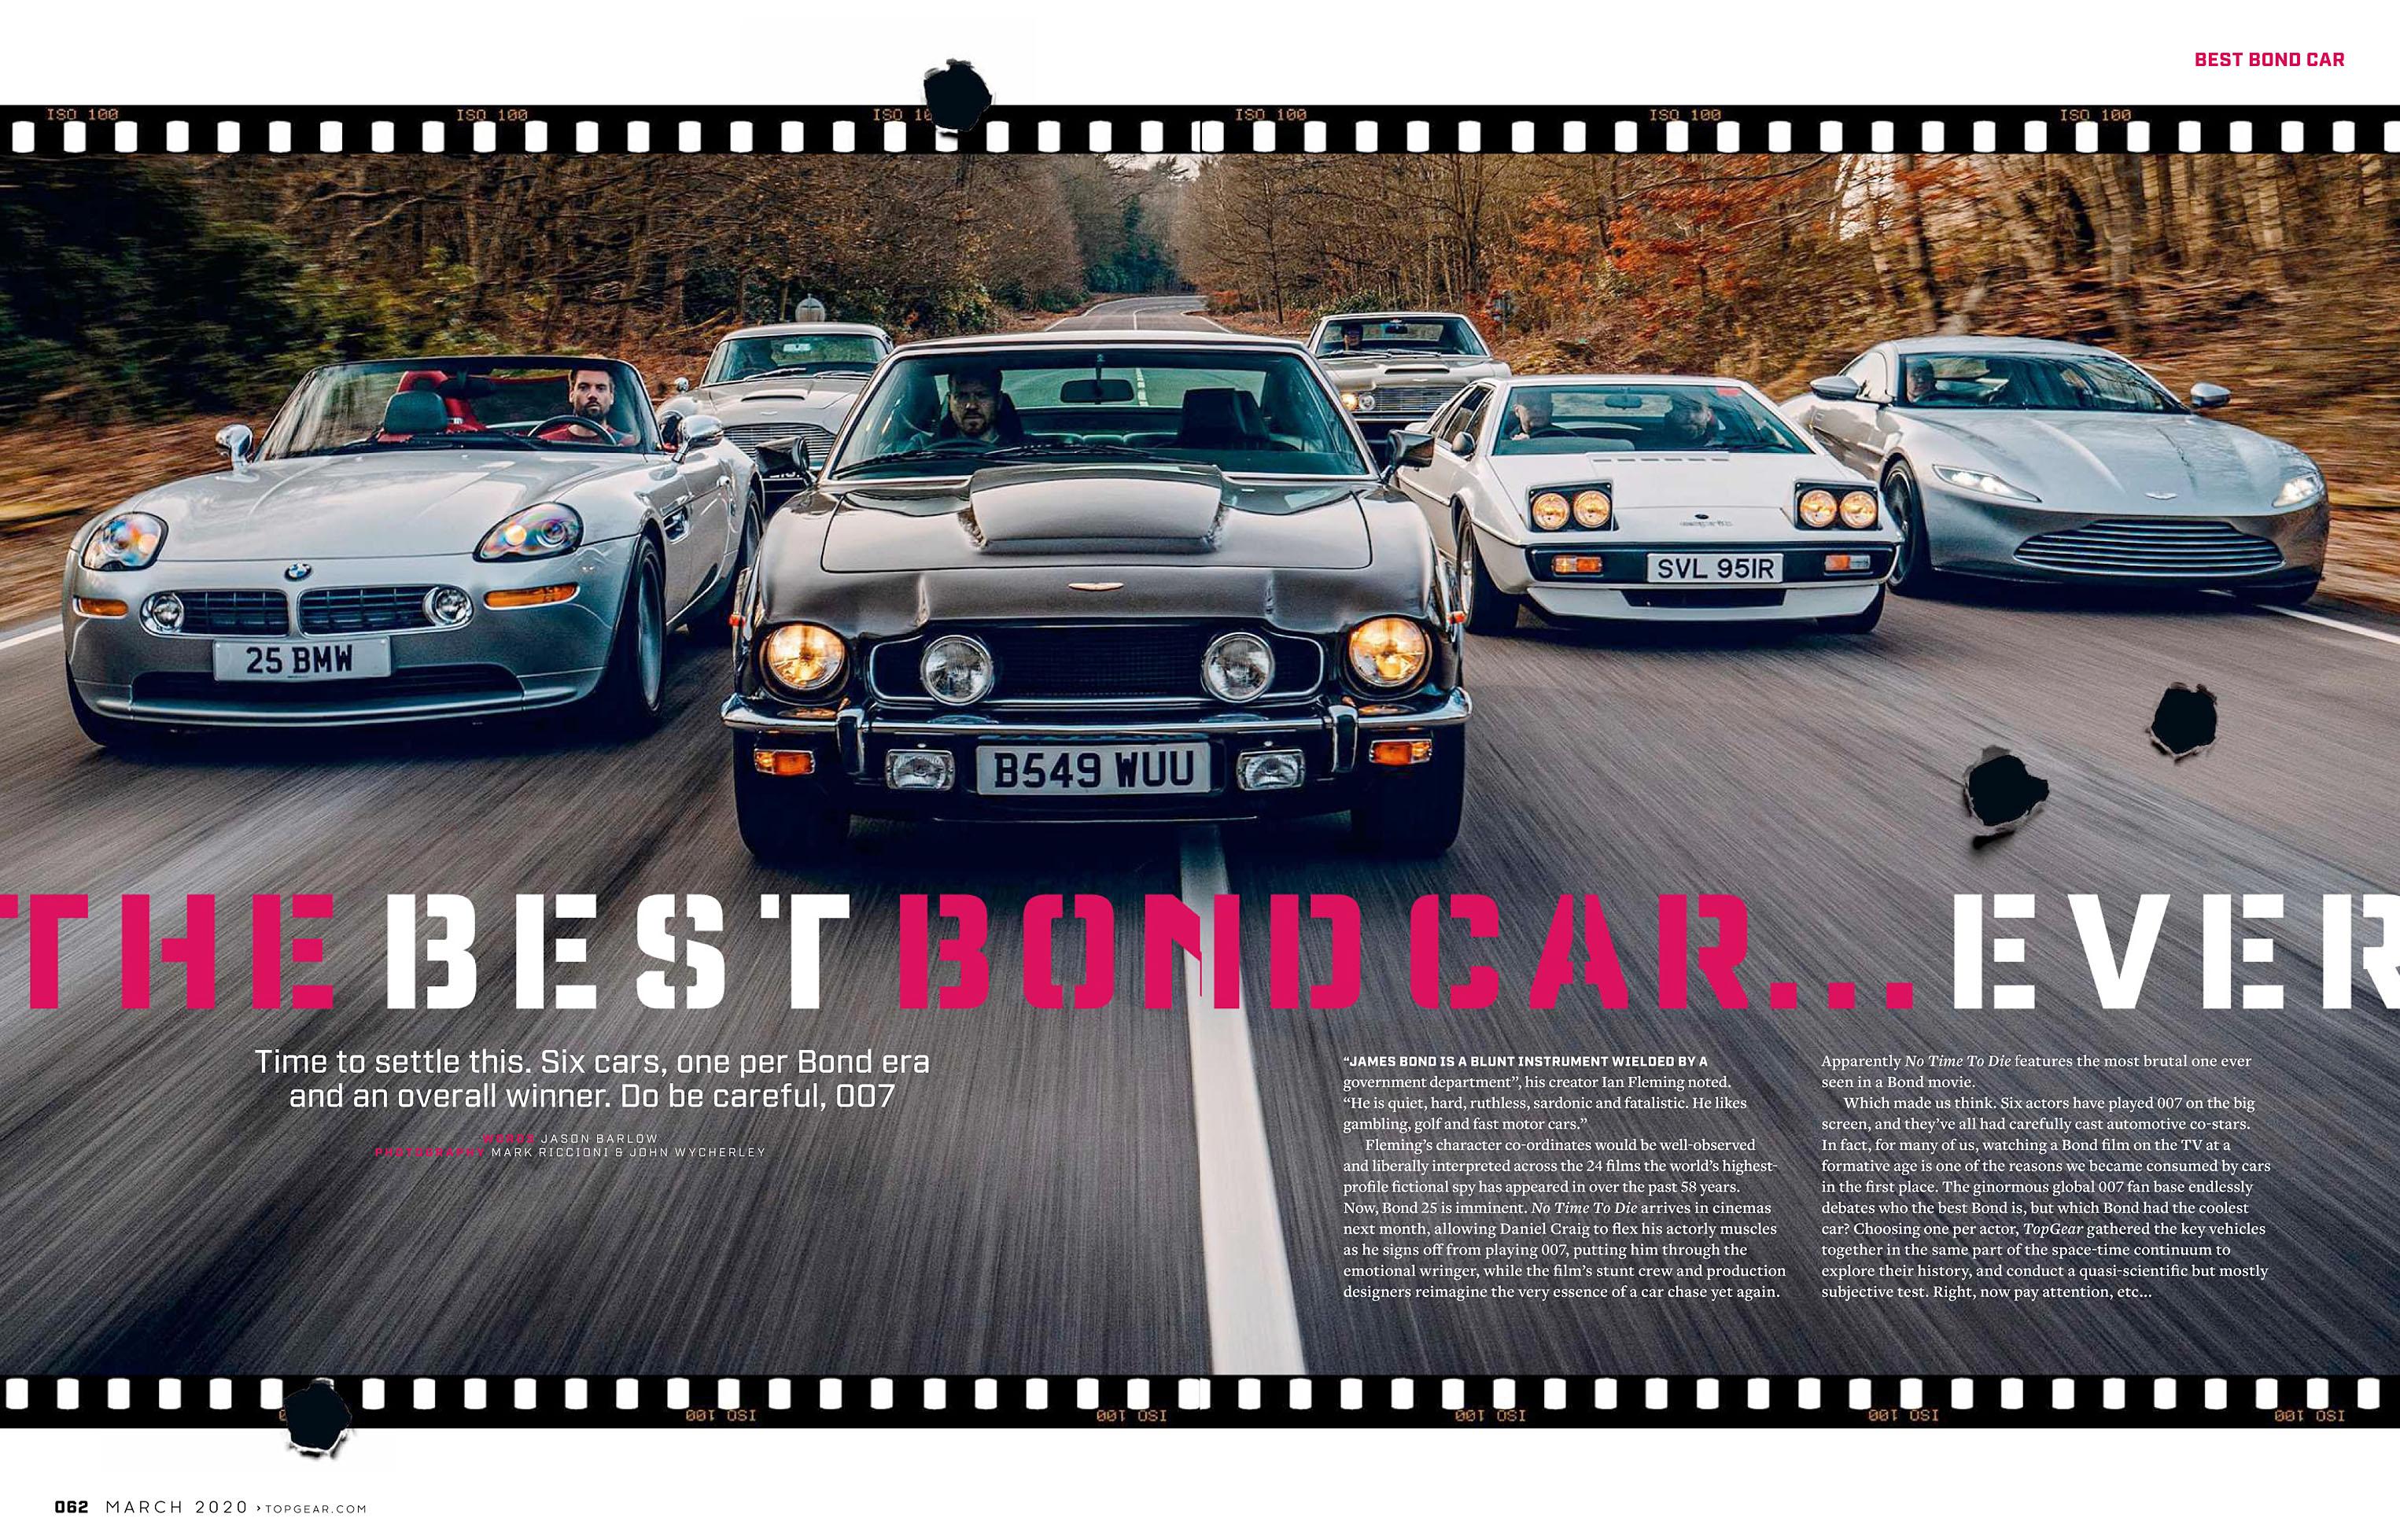 BBC Top Gear 2020-03 Bond 02.jpg